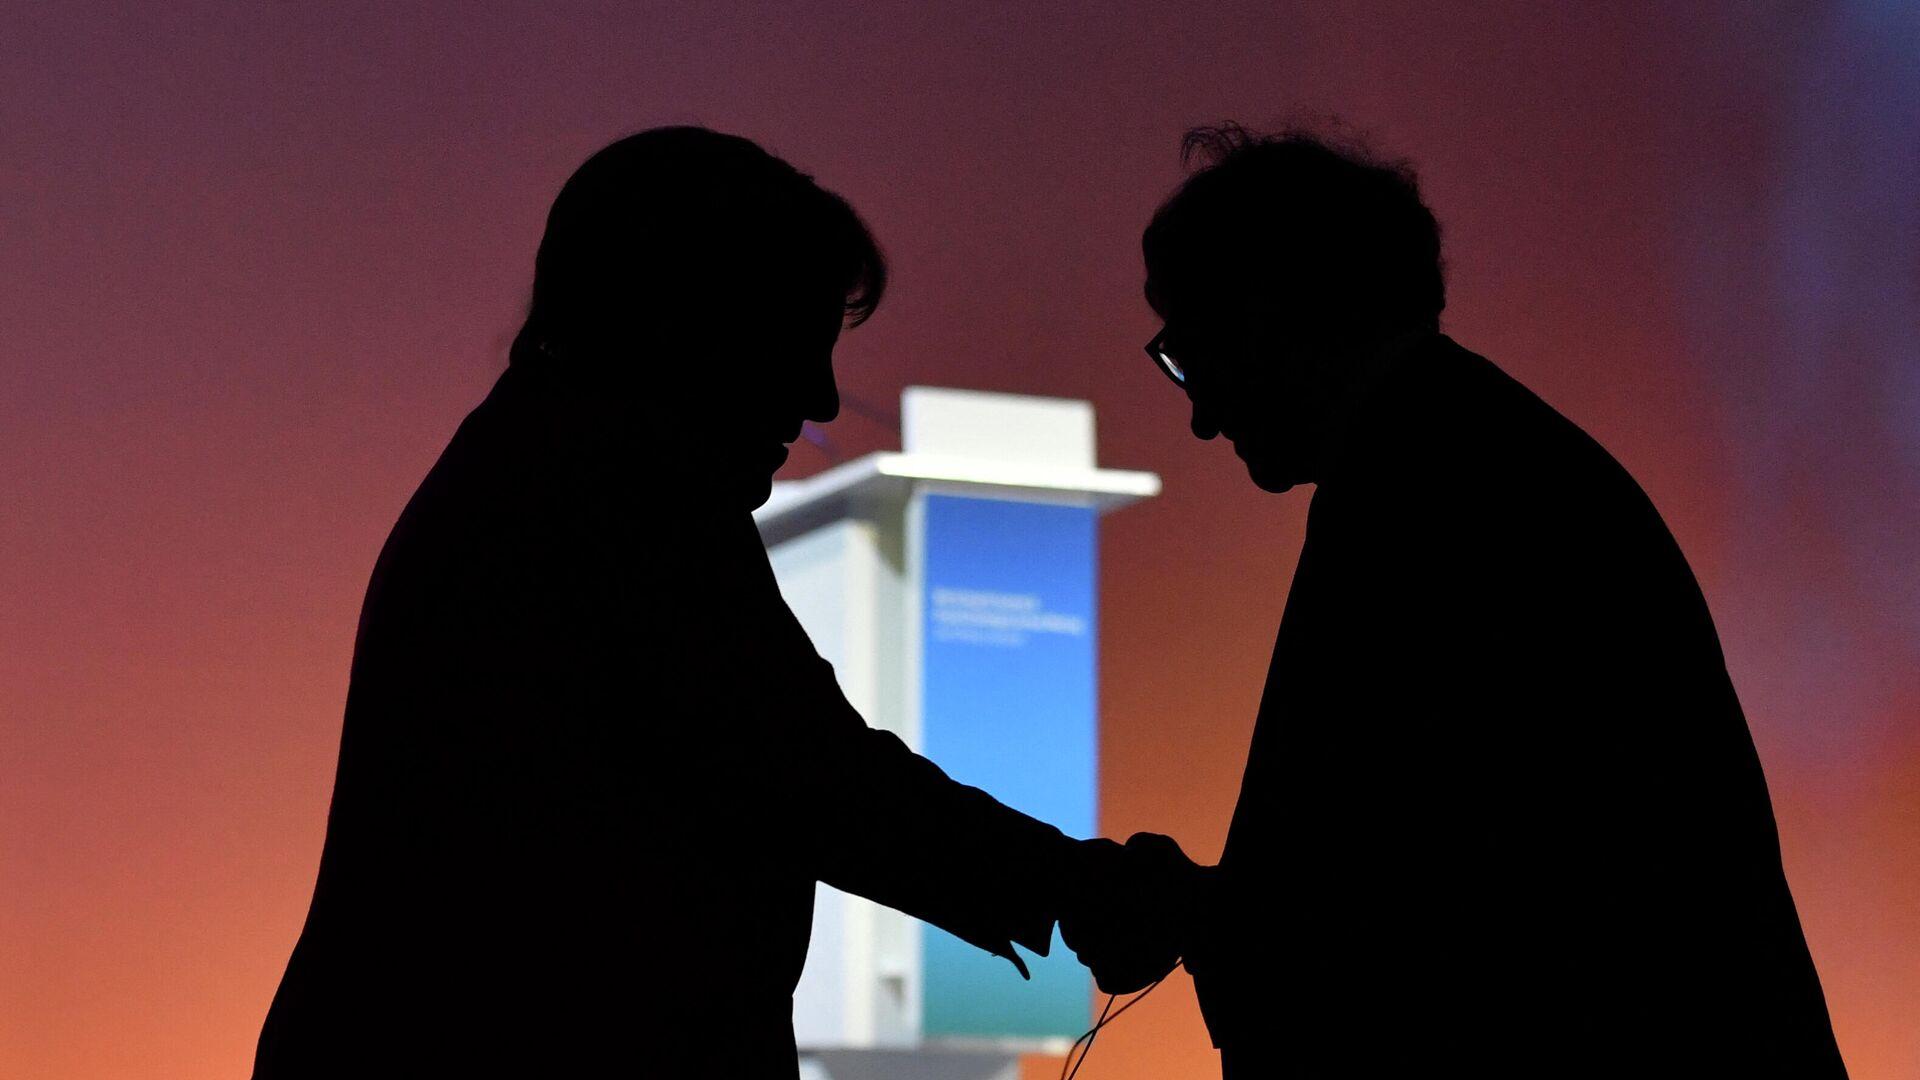 Bundeskanzlerin Angela Merkel gibt Bill Gates, dem Microsoft-Gründer und Inhaber der Bill & Melinda Gates Foundation, nach ihrer Rede auf dem Weltgesundheitsgipfel in Berlin am 16. Oktober 2018 die Hand. - SNA, 1920, 15.02.2021